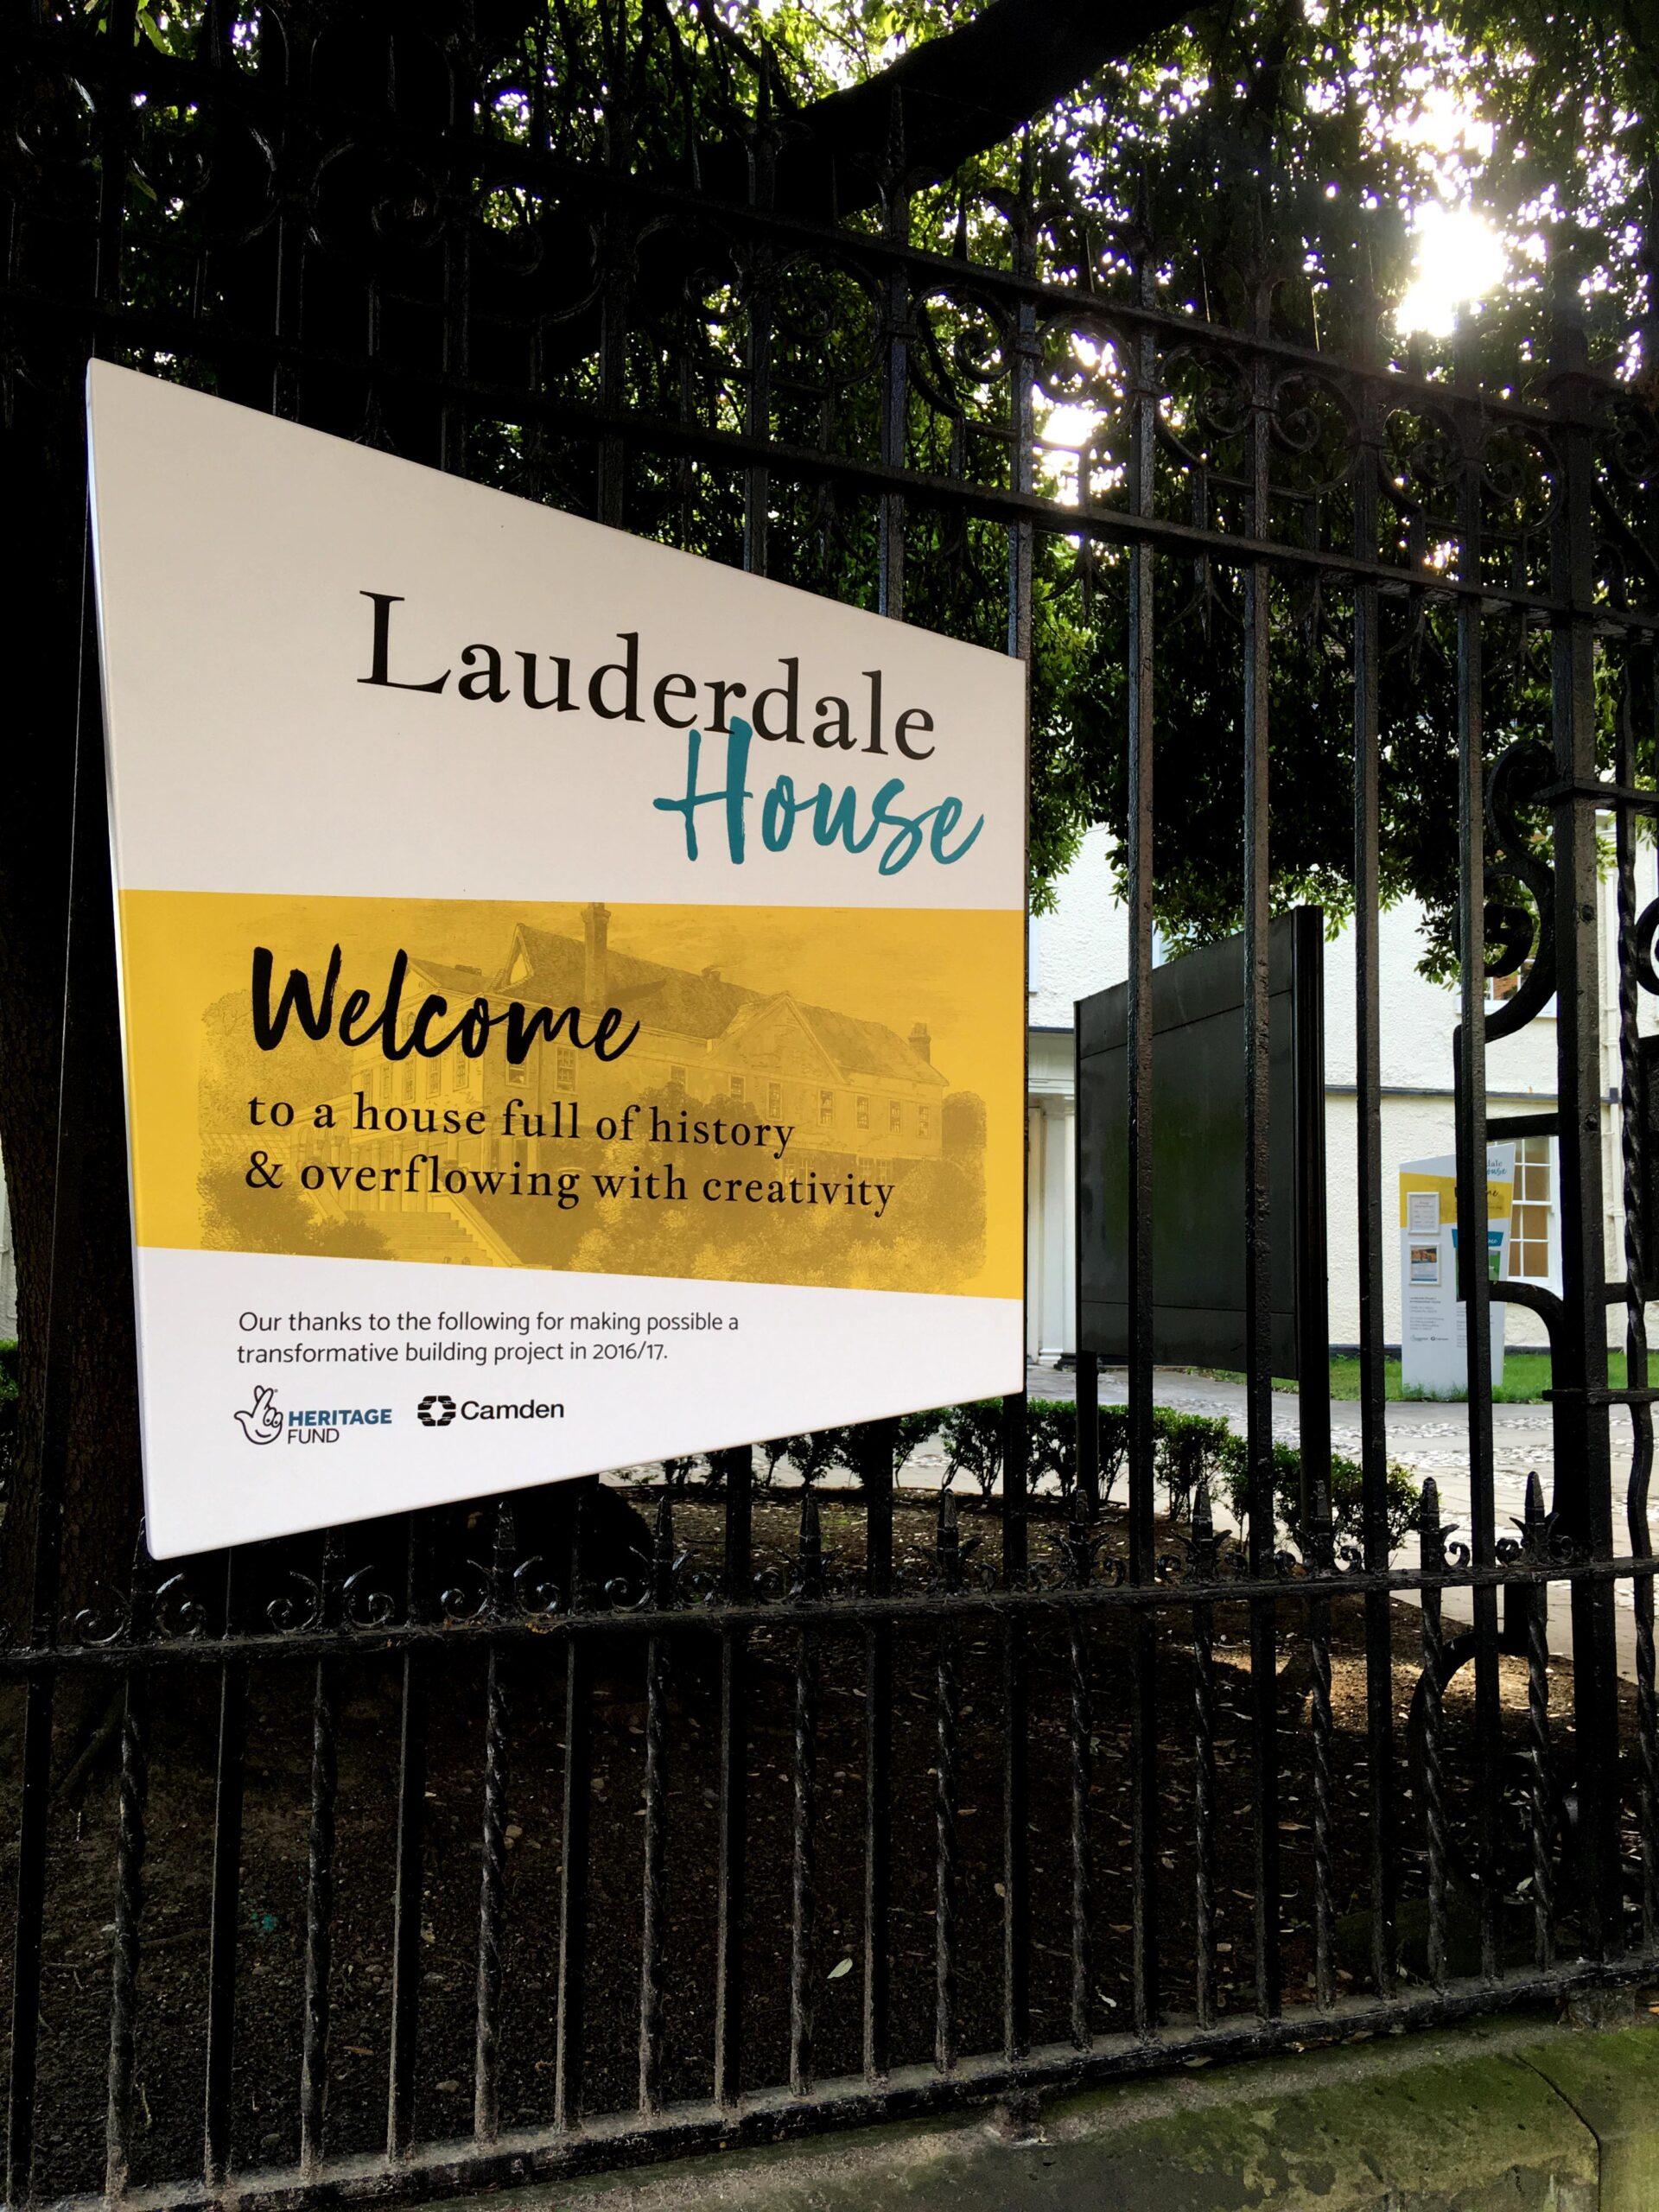 Lauderdale-House-signage-19.08.19.-2